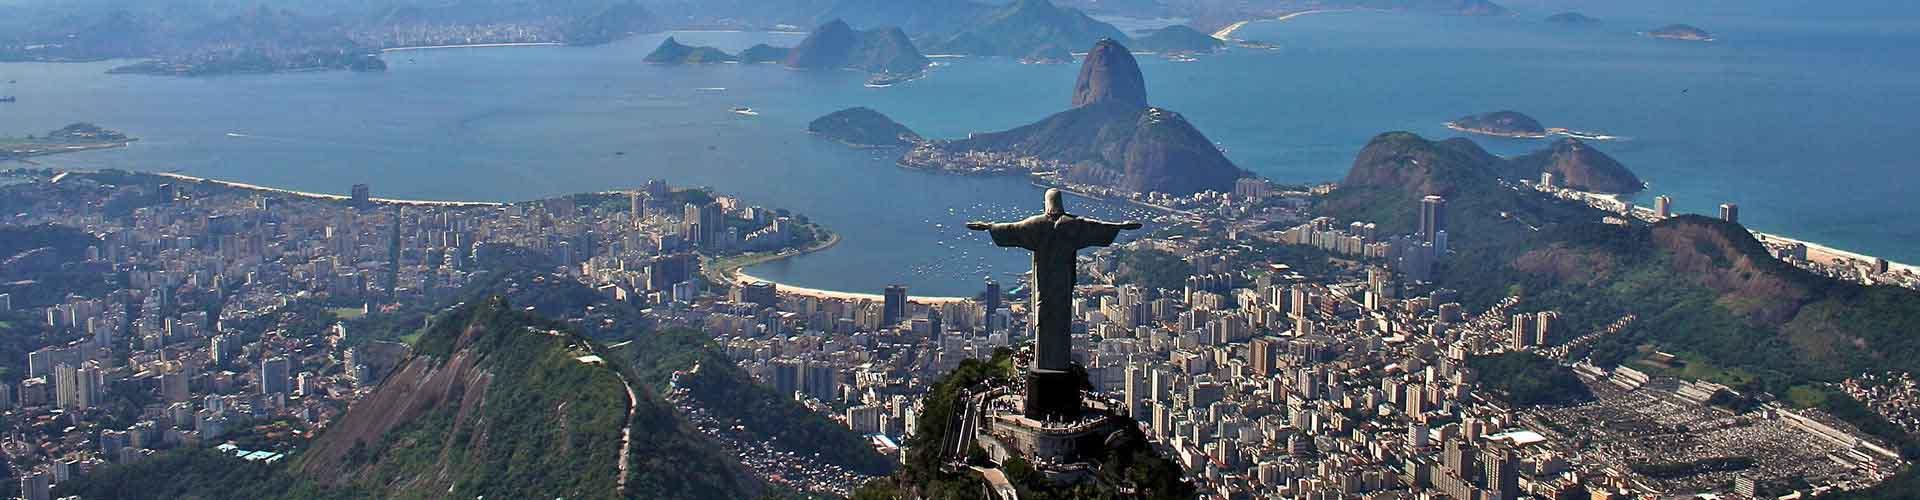 Rio de Janeiro – Appartamenti nella zona Bairro Peixoto. Mappe per Rio de Janeiro, Foto e  Recensioni per ogni Appartamento a Rio de Janeiro.